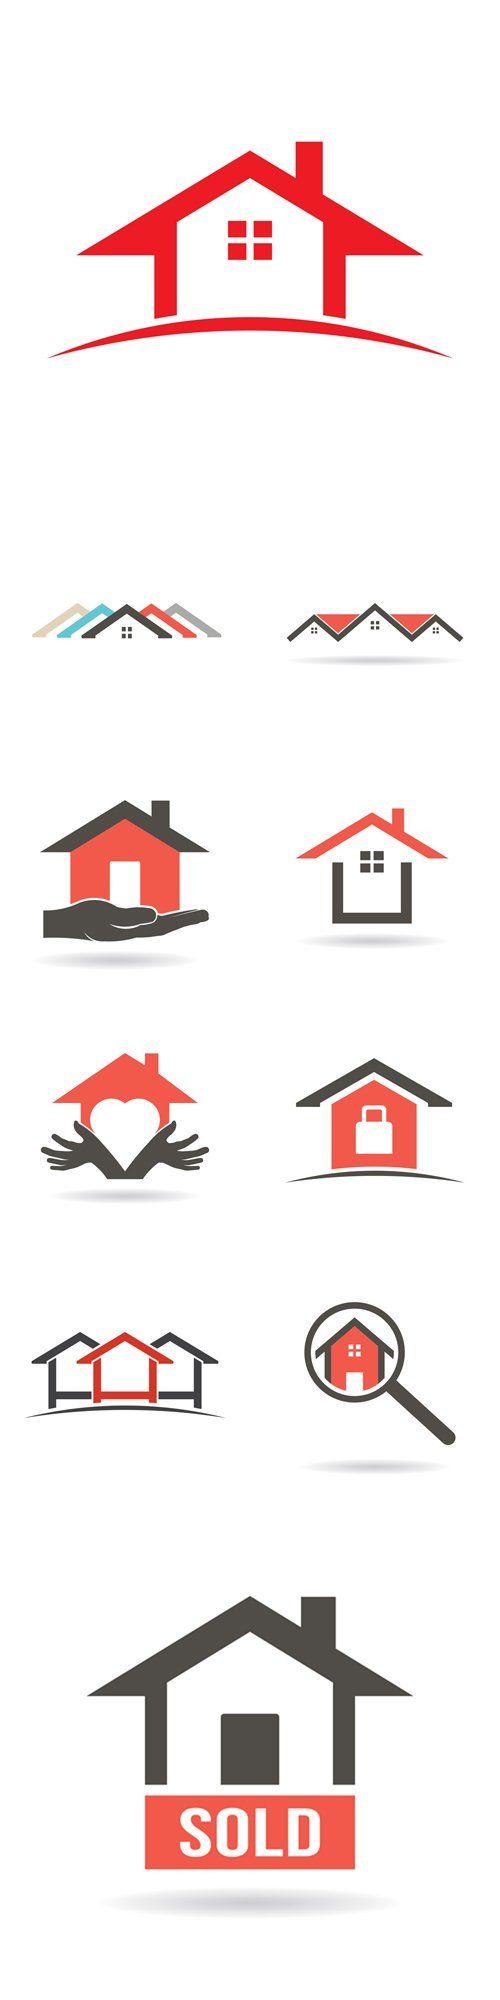 Vector House Logo Graphic Design